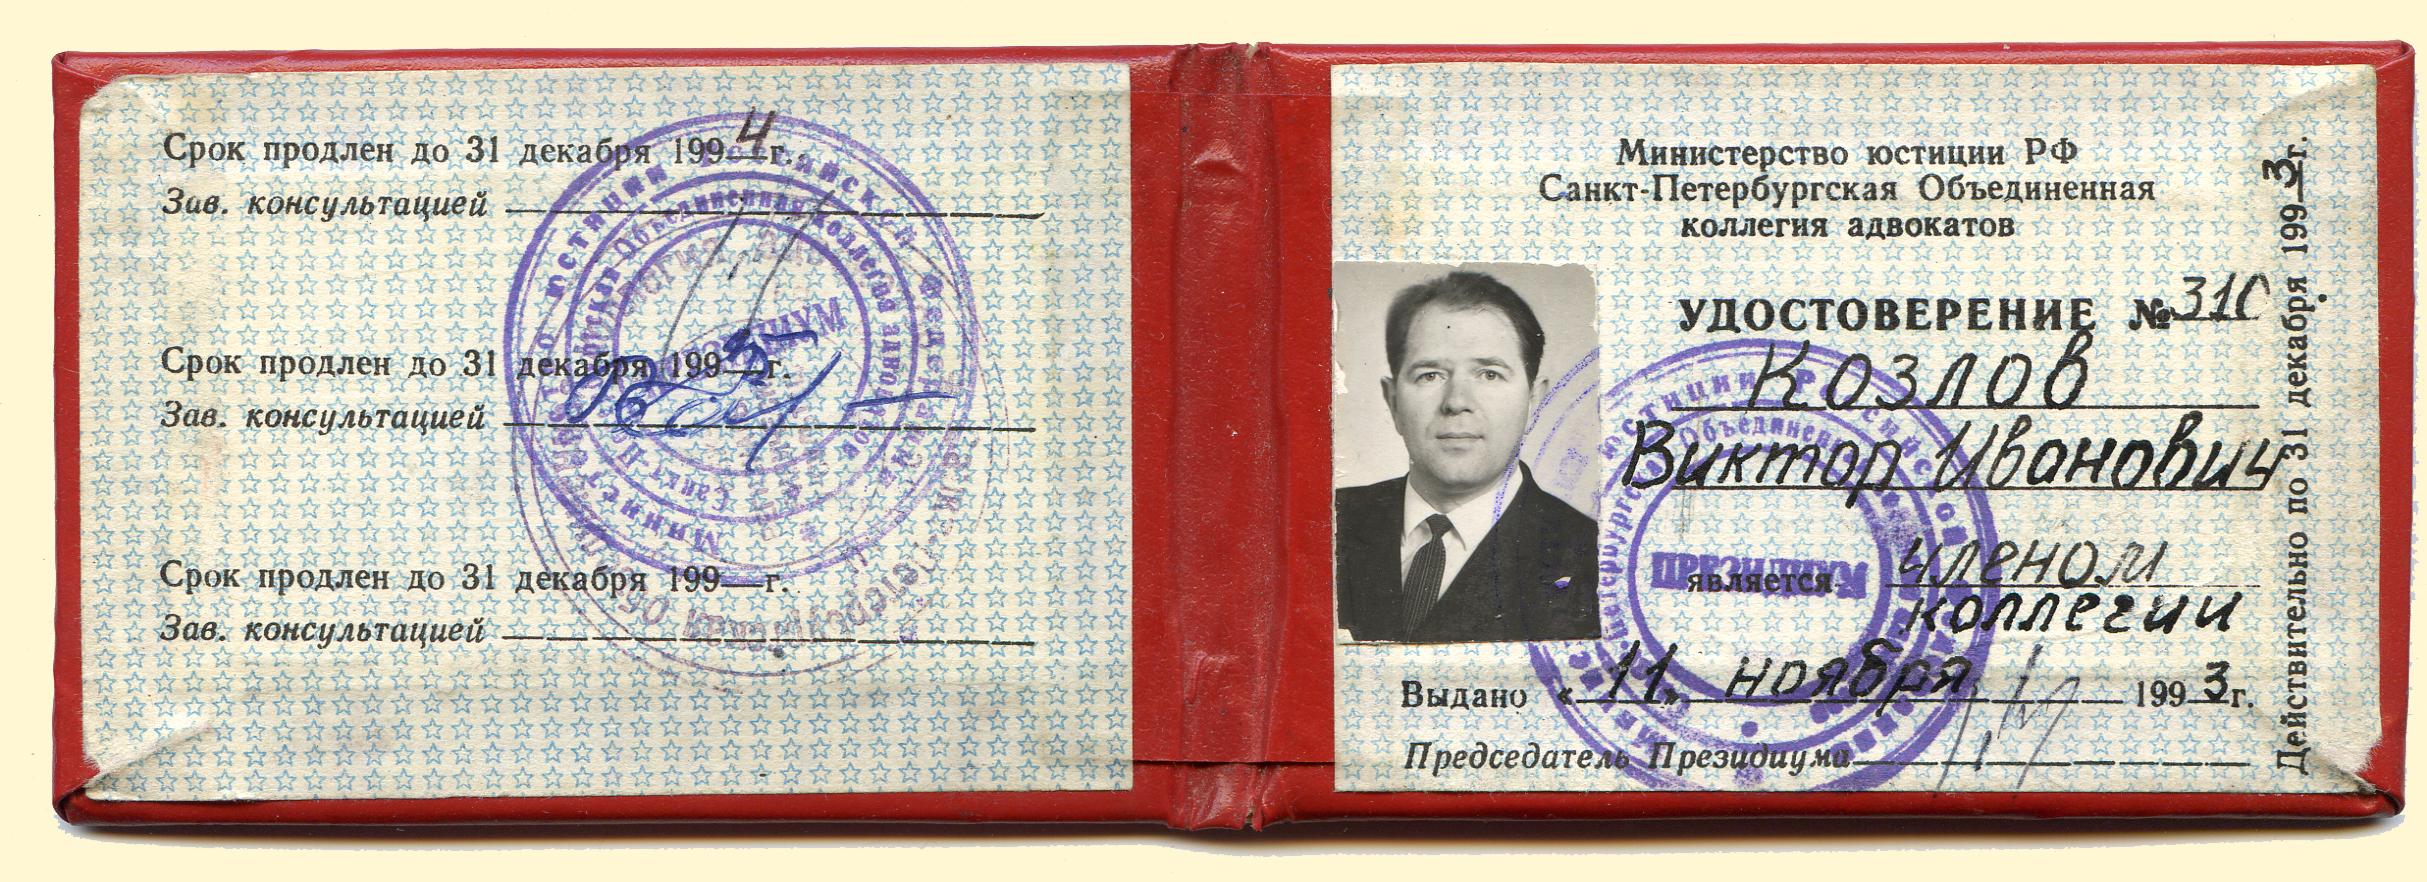 Удостоверение адвоката Козлова Виктора Ивановича